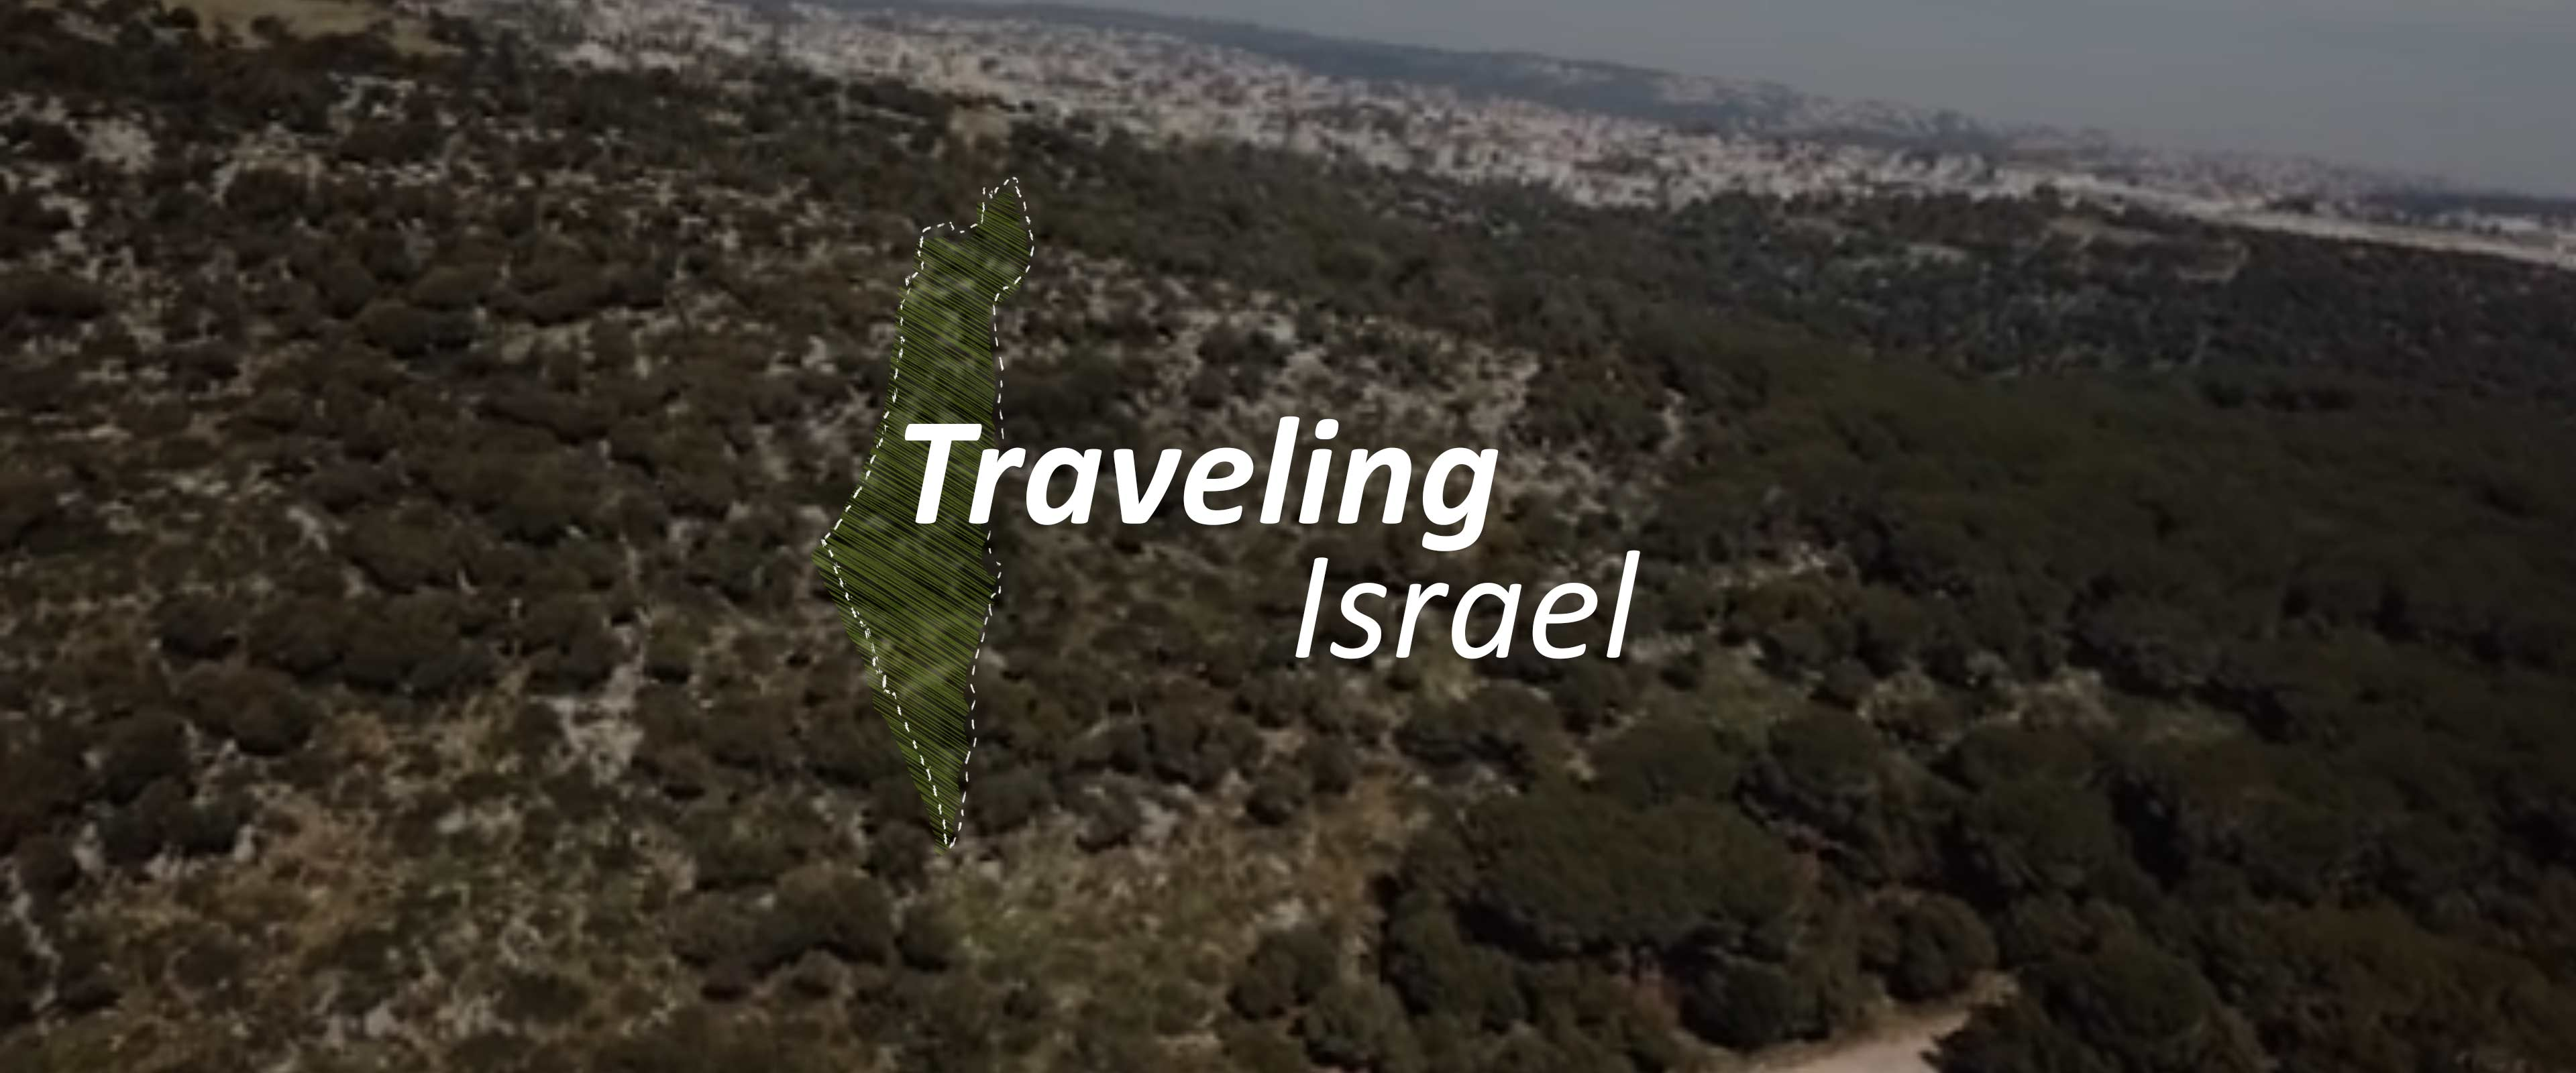 מטיילים בישראל | Traveling Israel